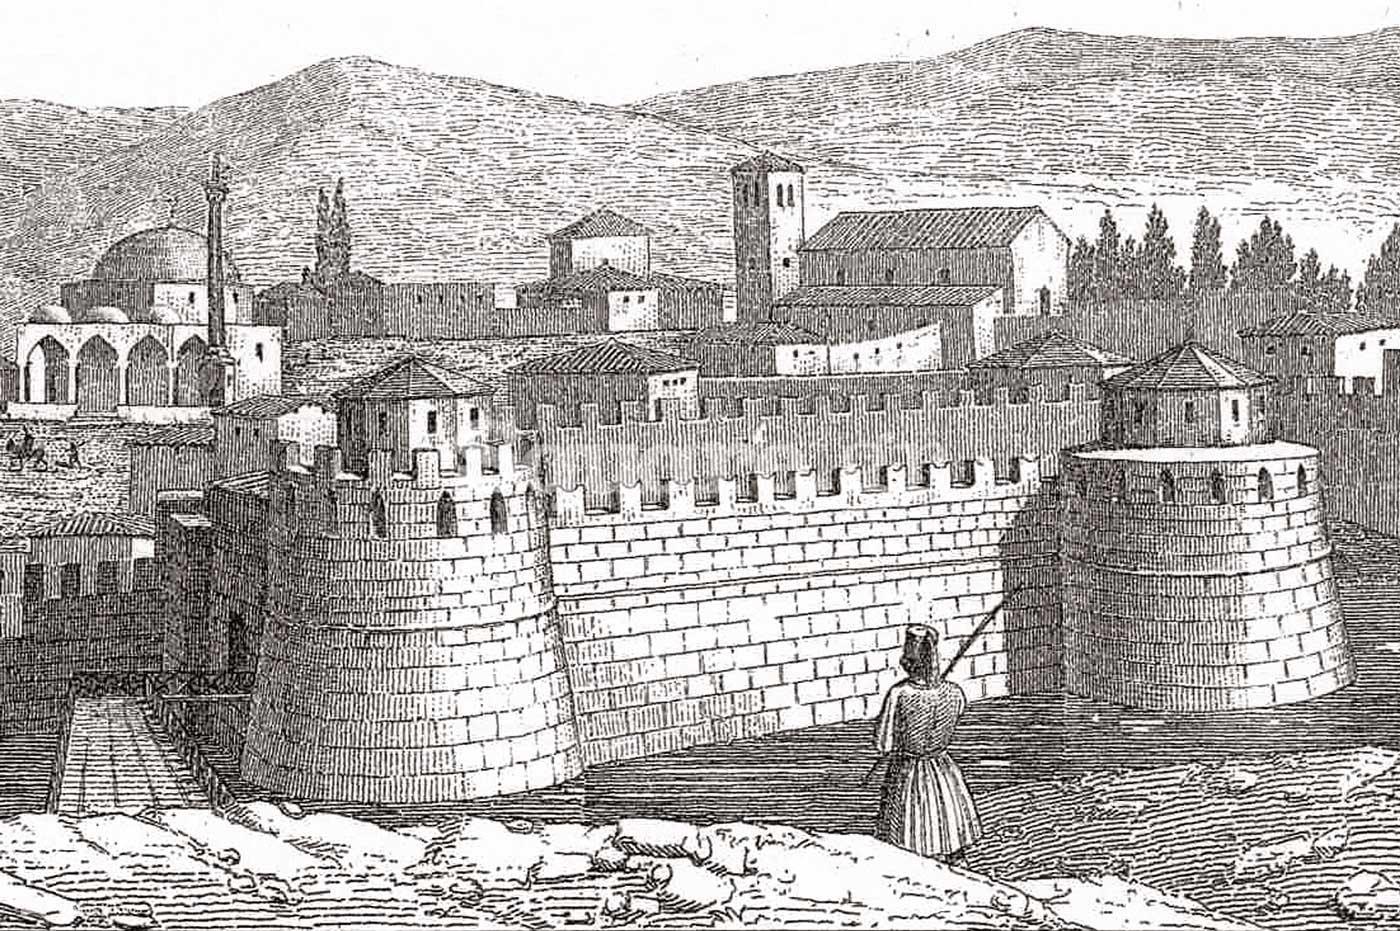 17-Η-δυτική-όψη-του-κάστρου-του-Ευρίπου,-όπως-φαινόταν-όταν-ερχόσουν-από-Βοιωτία